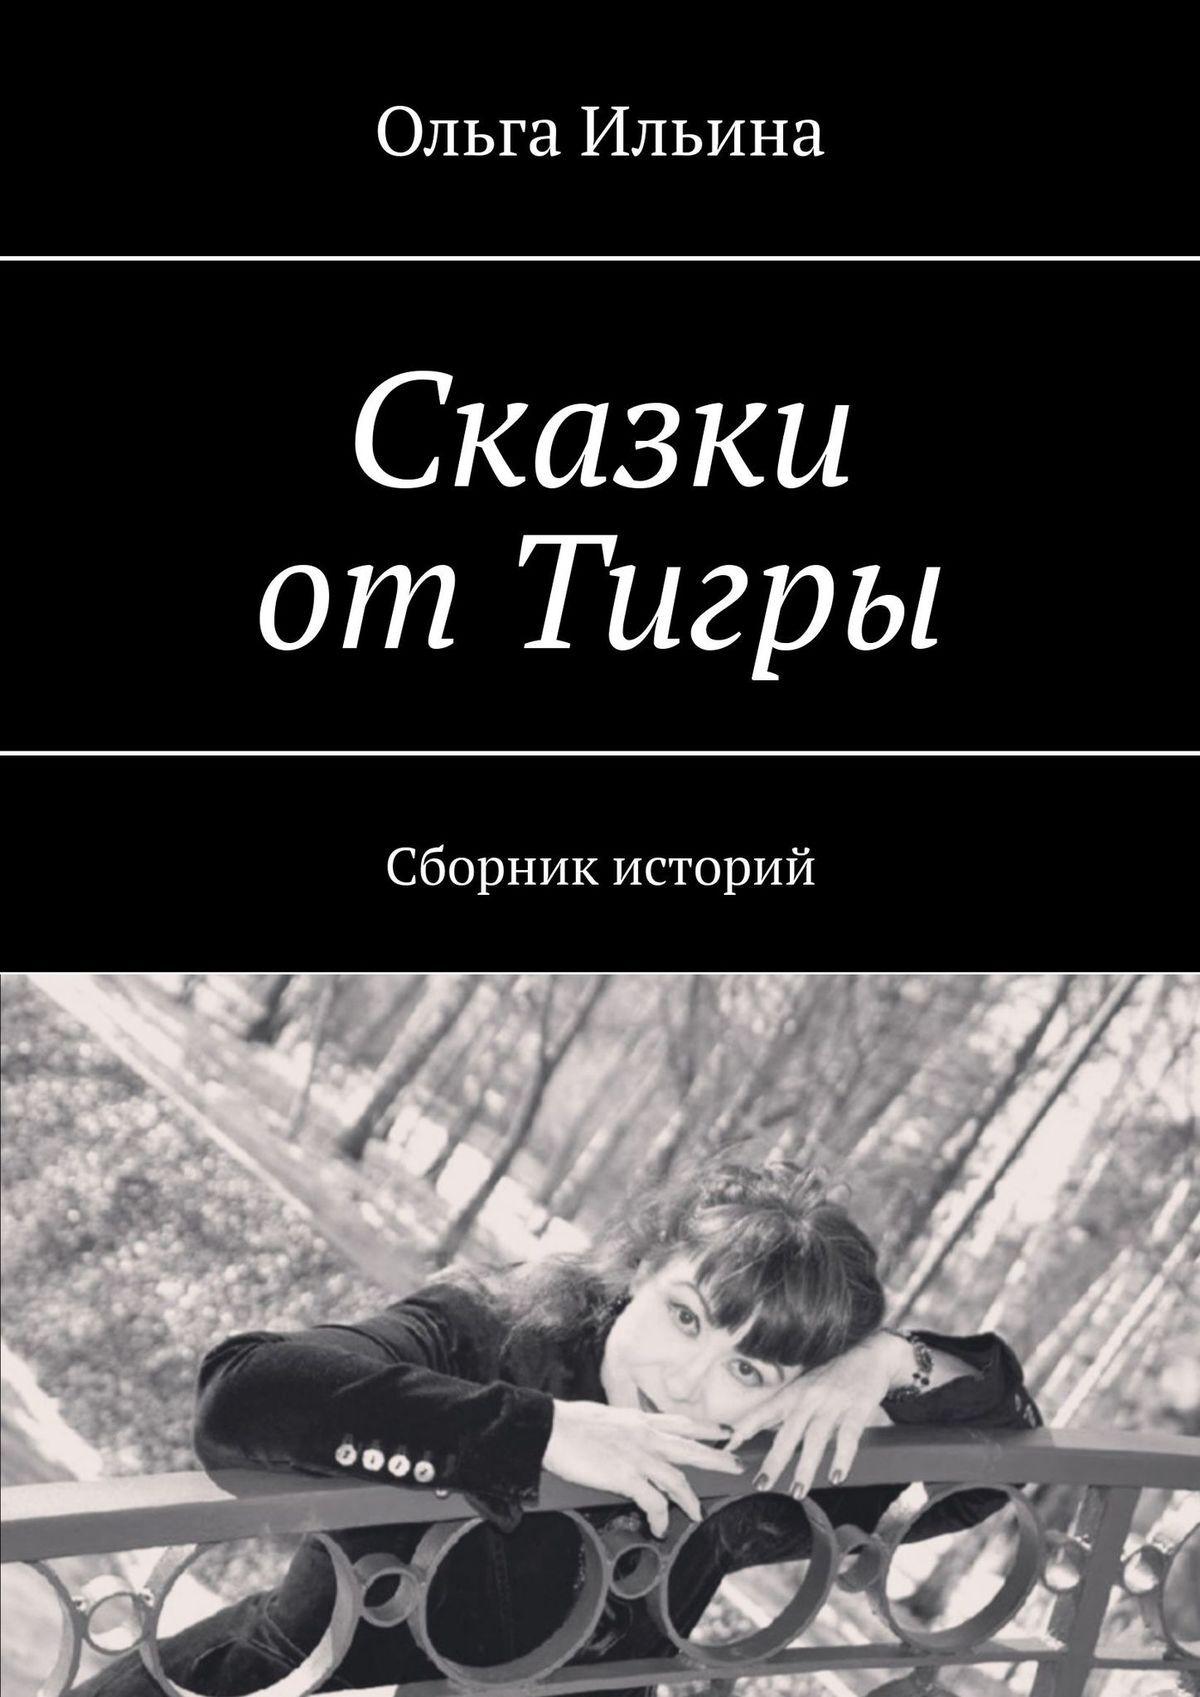 купить Ольга Ильина Книгочеи. Сборник историй по цене 200 рублей